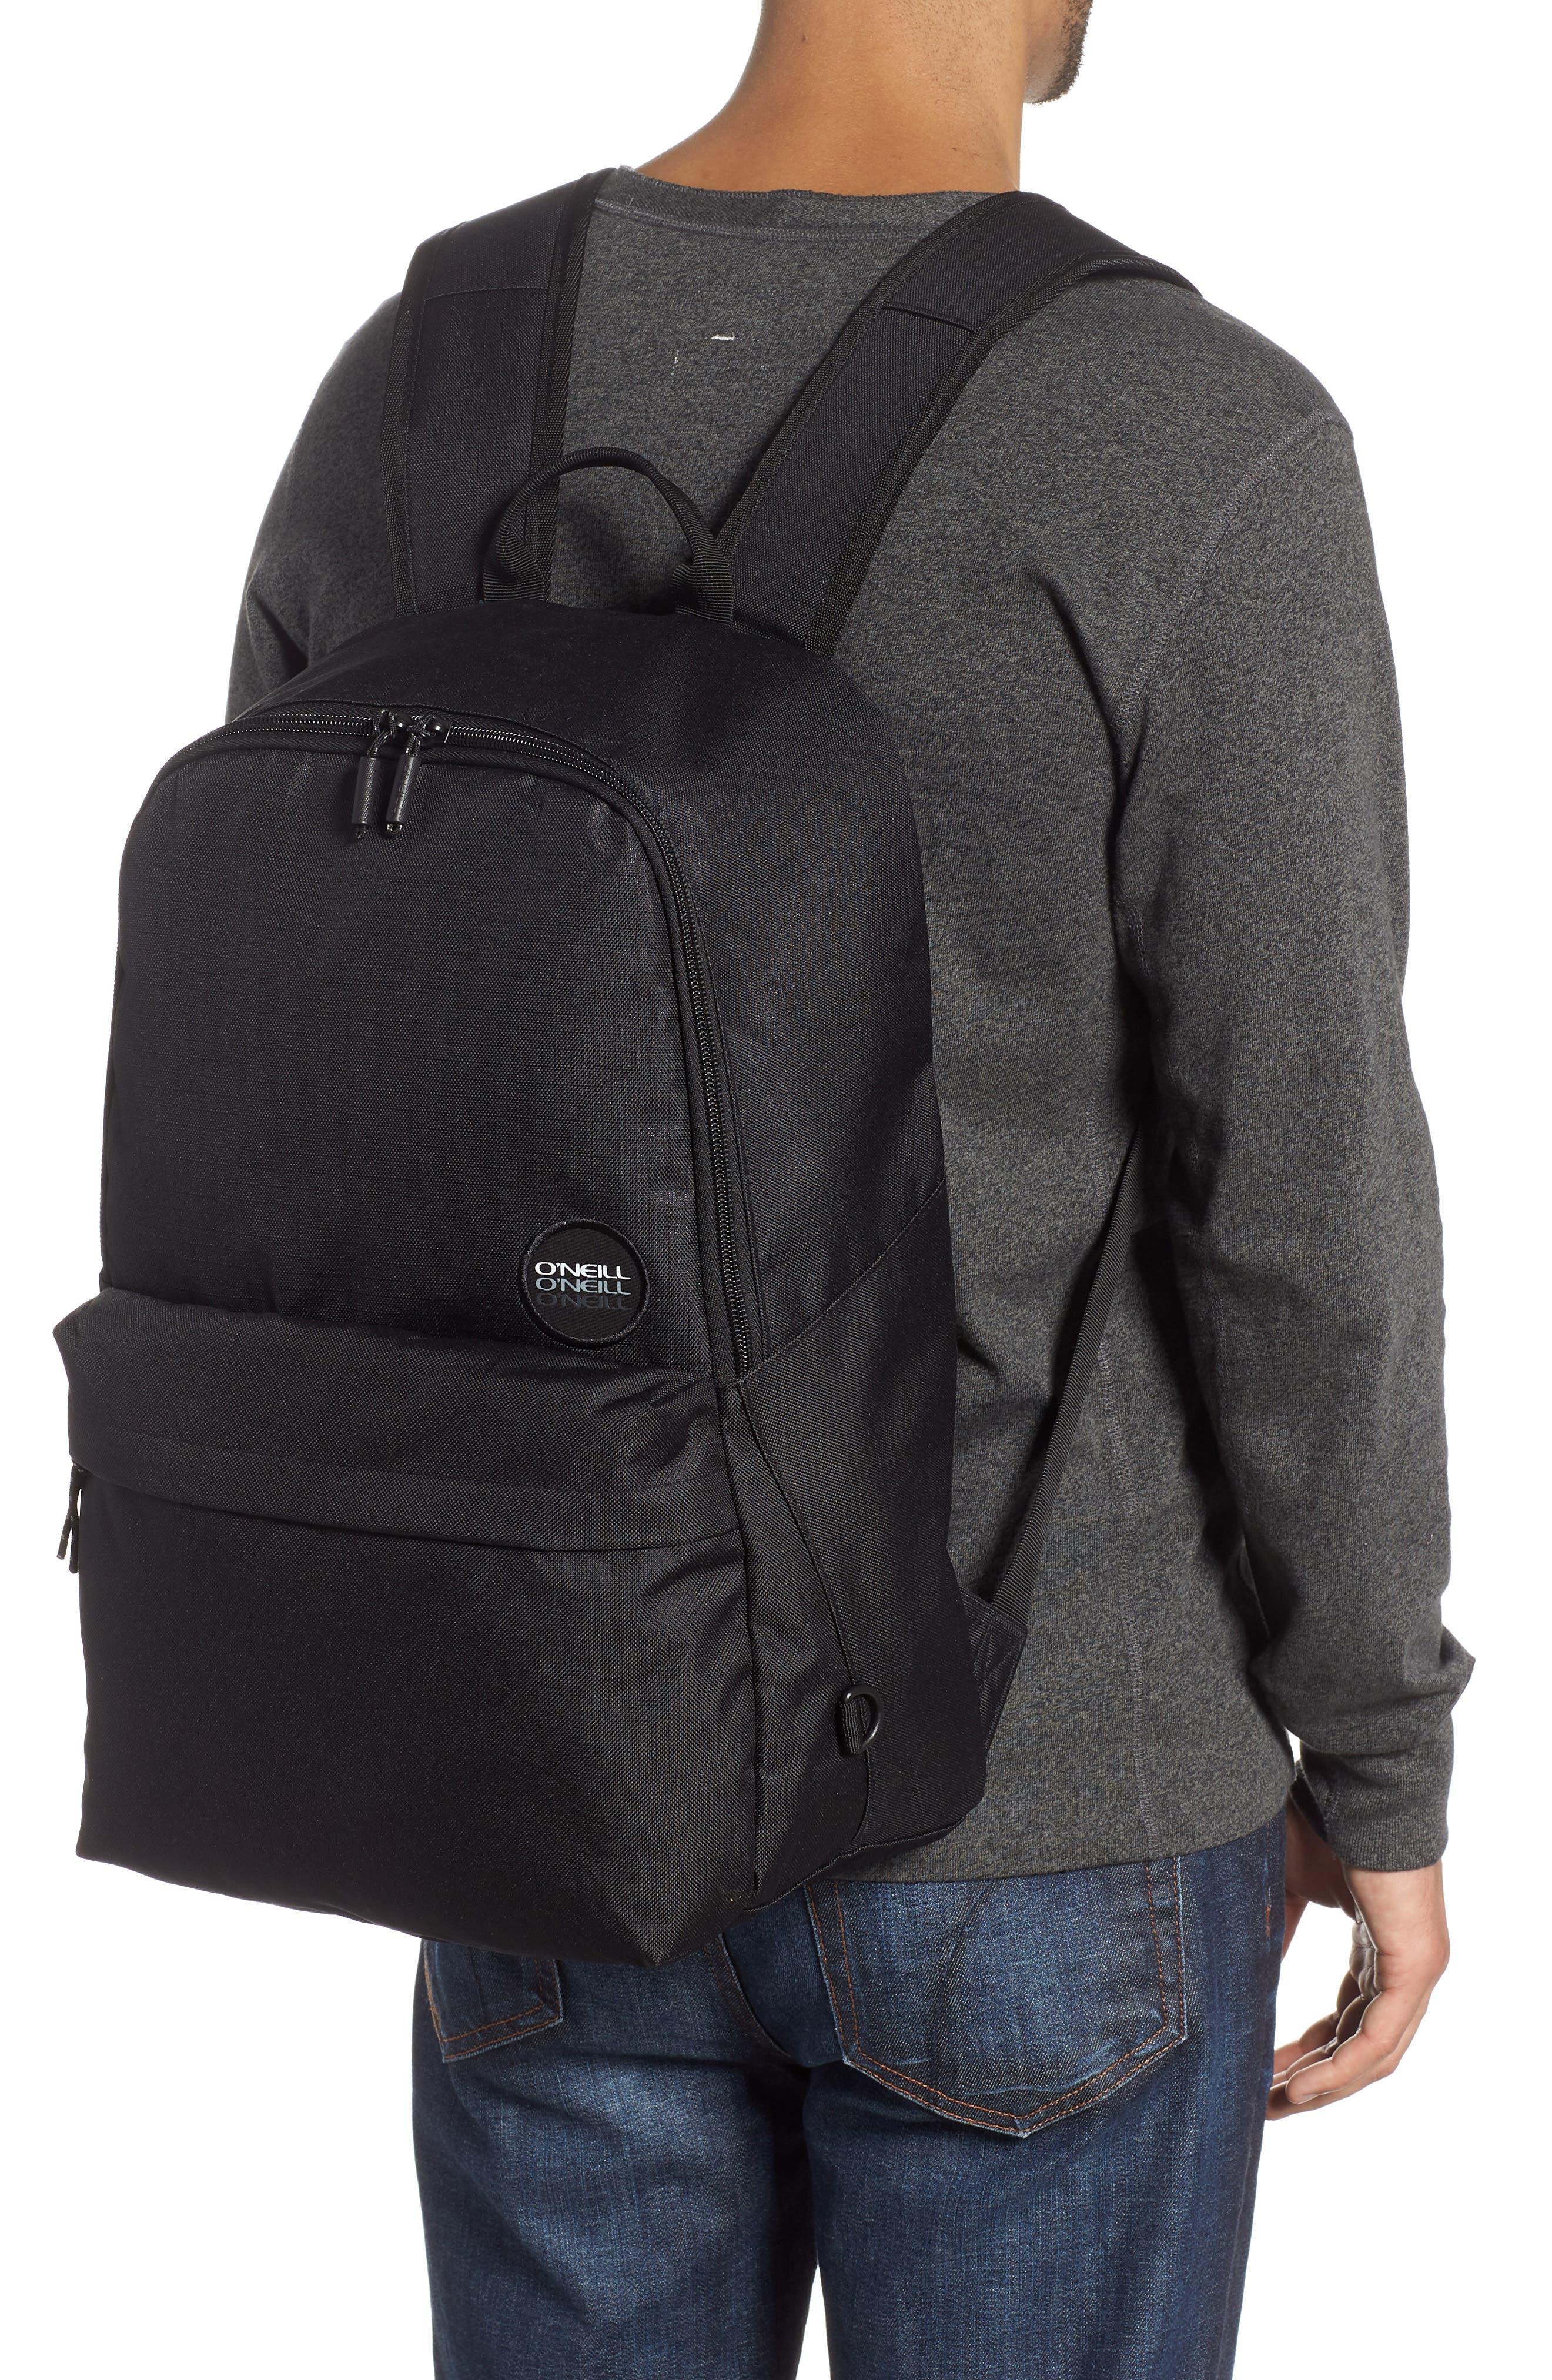 Transfer Backpack,                             Alternate thumbnail 2, color,                             BLACK